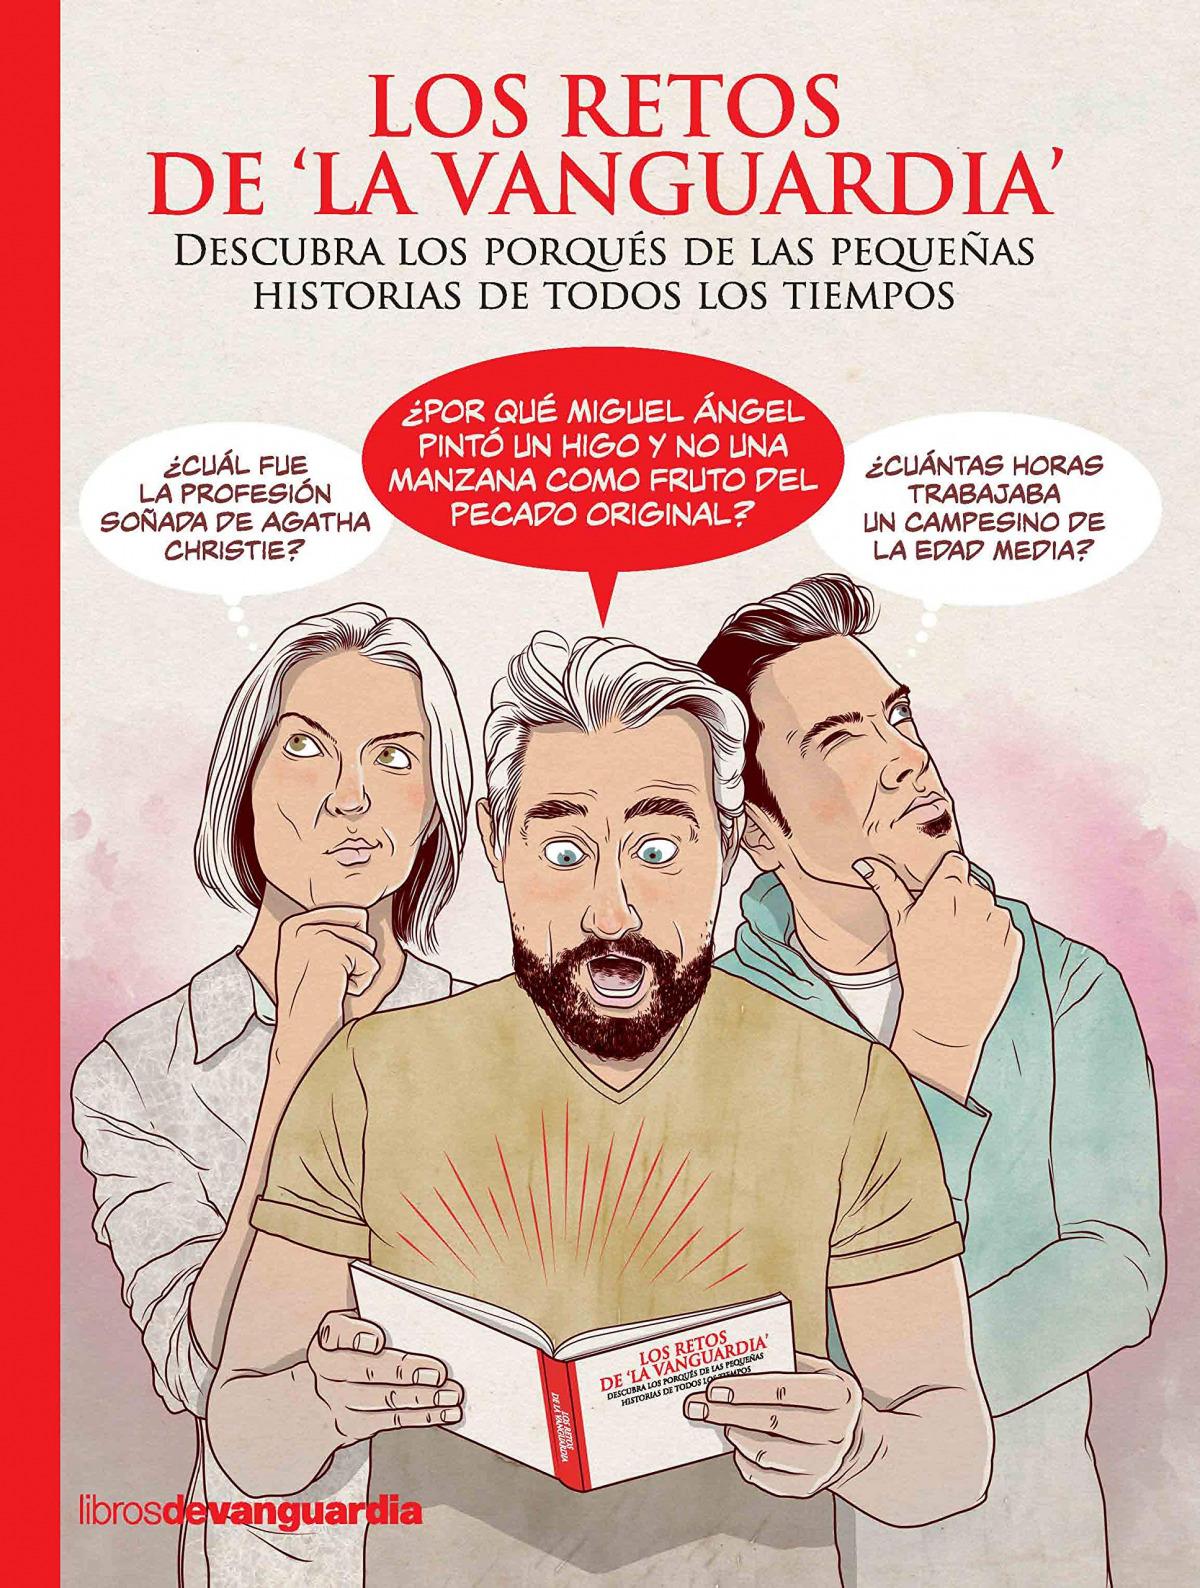 Los retos de La Vanguardia